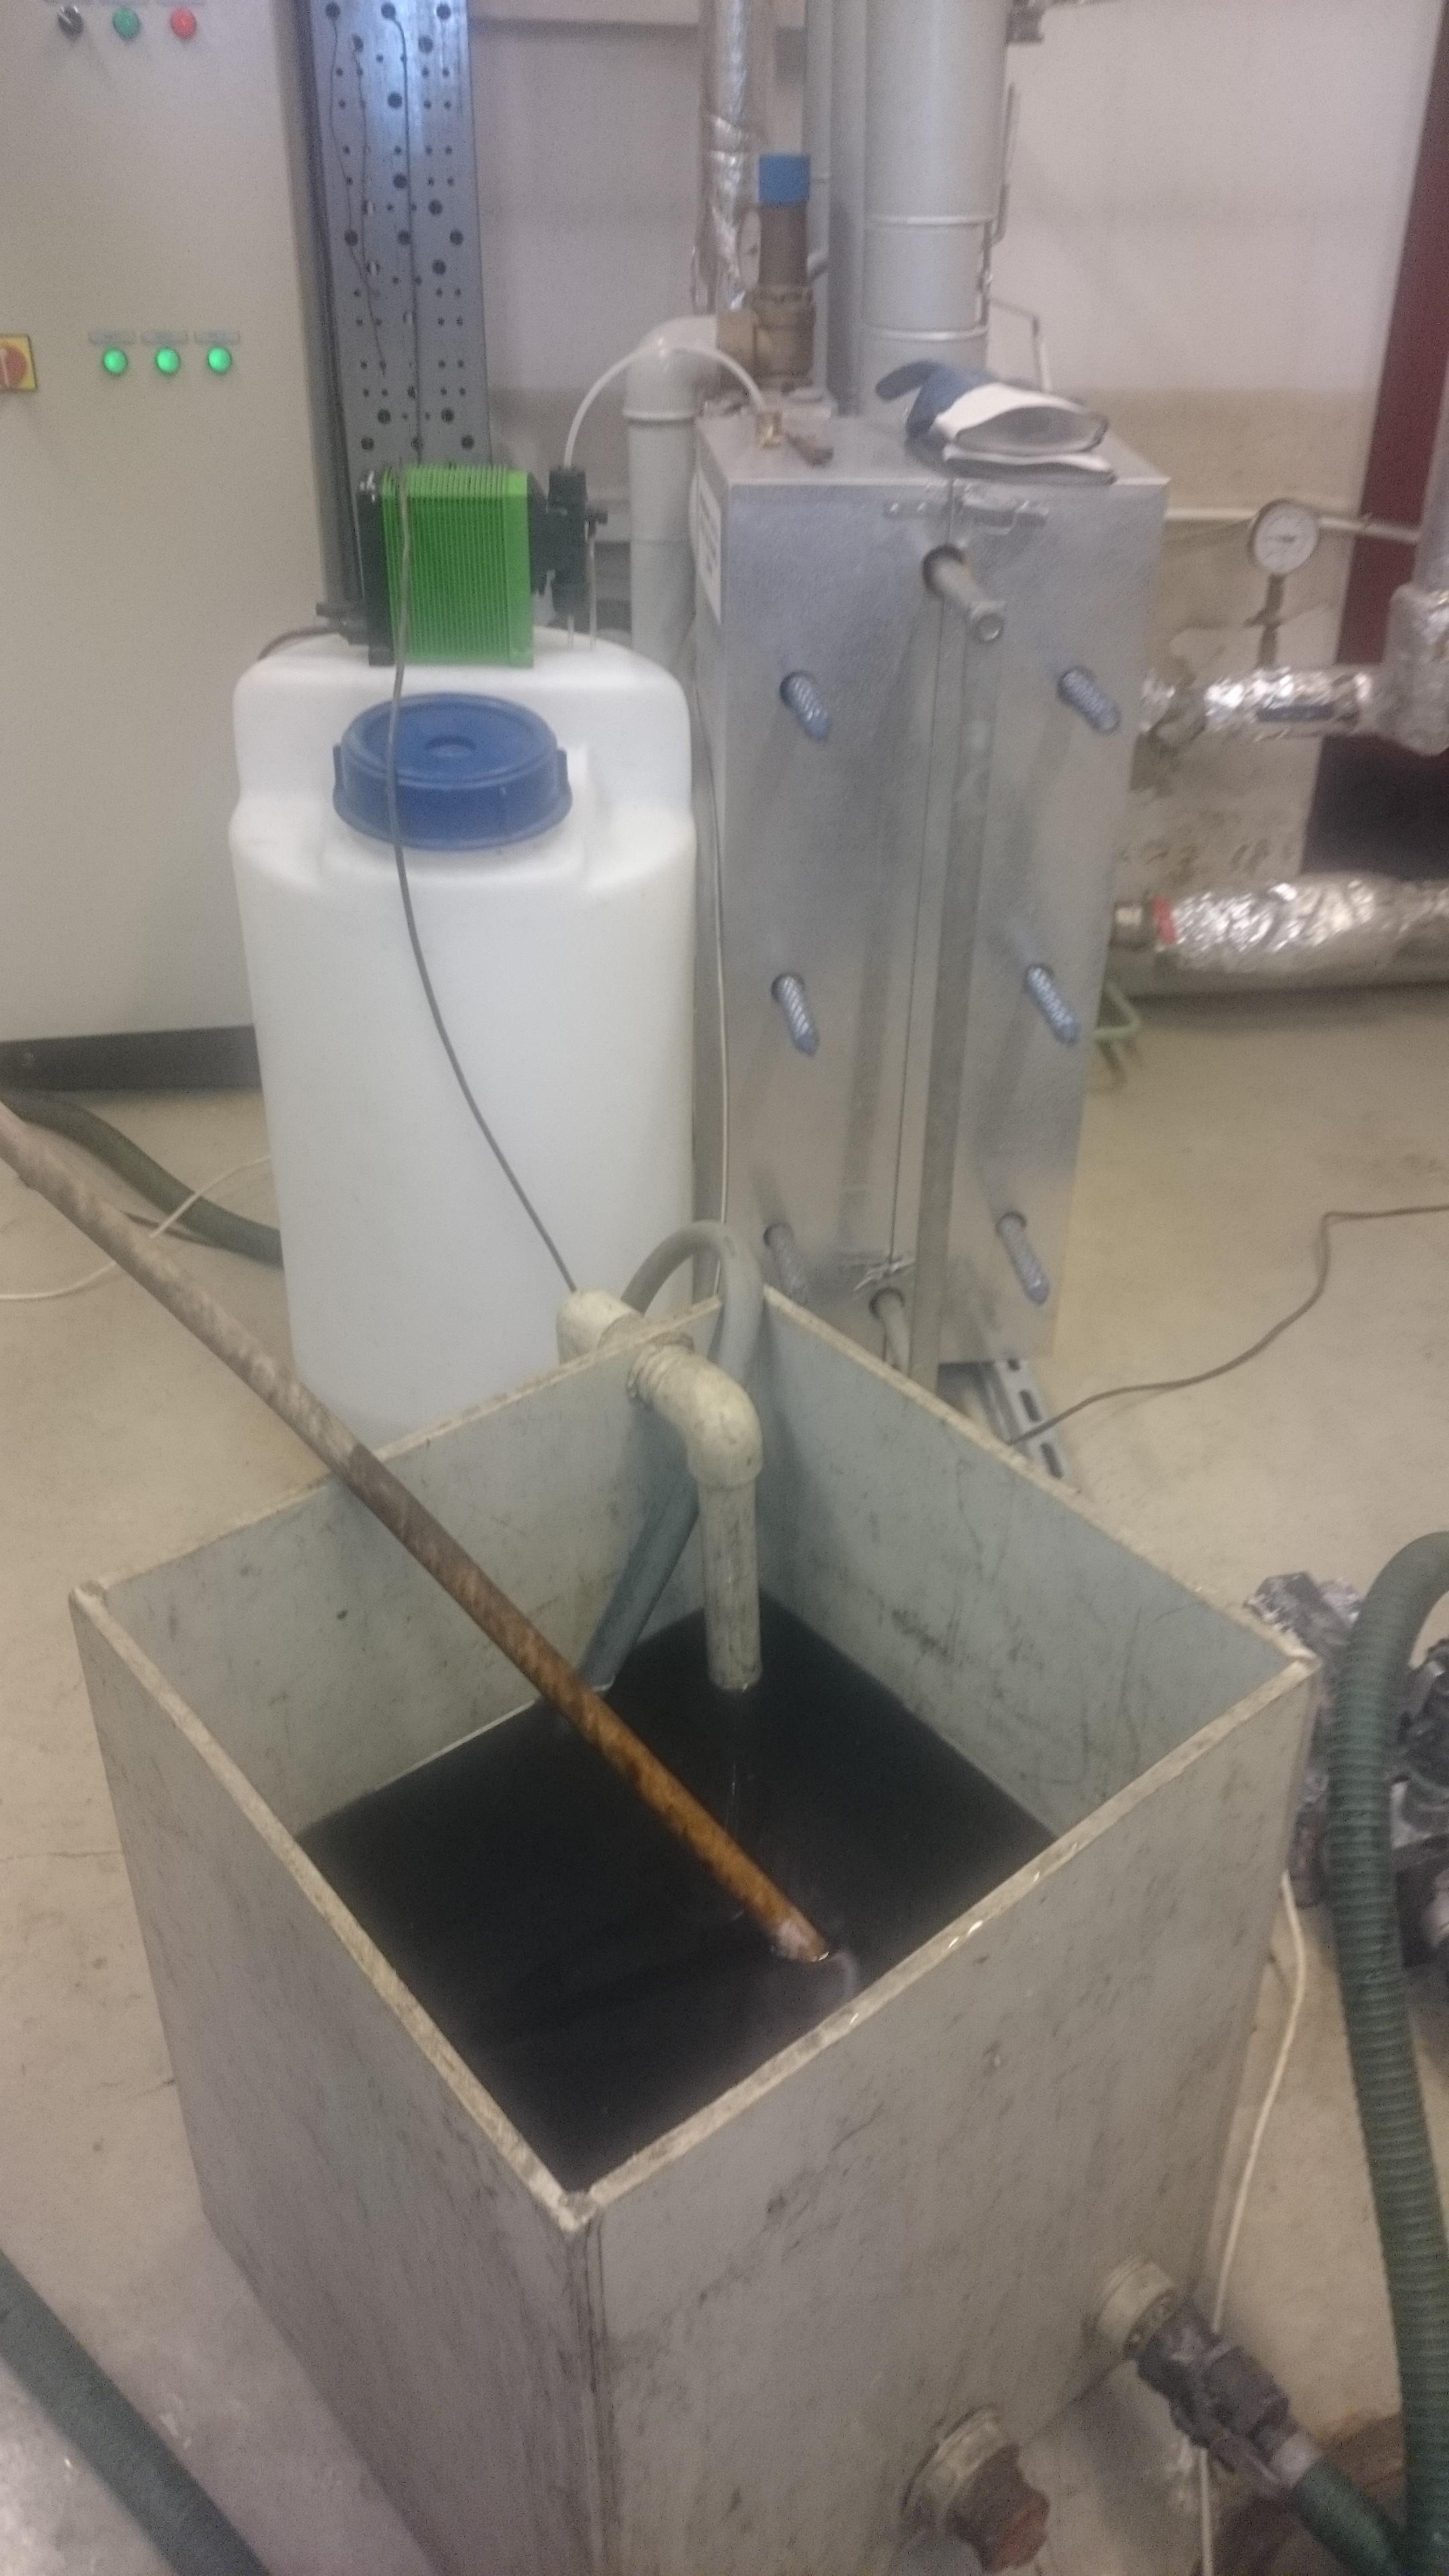 Początek czyszczenia instalacji cwu. Tlenki żelaza Fe+3 z wymiennika ciepła zabarwiły roztwór czyszczący